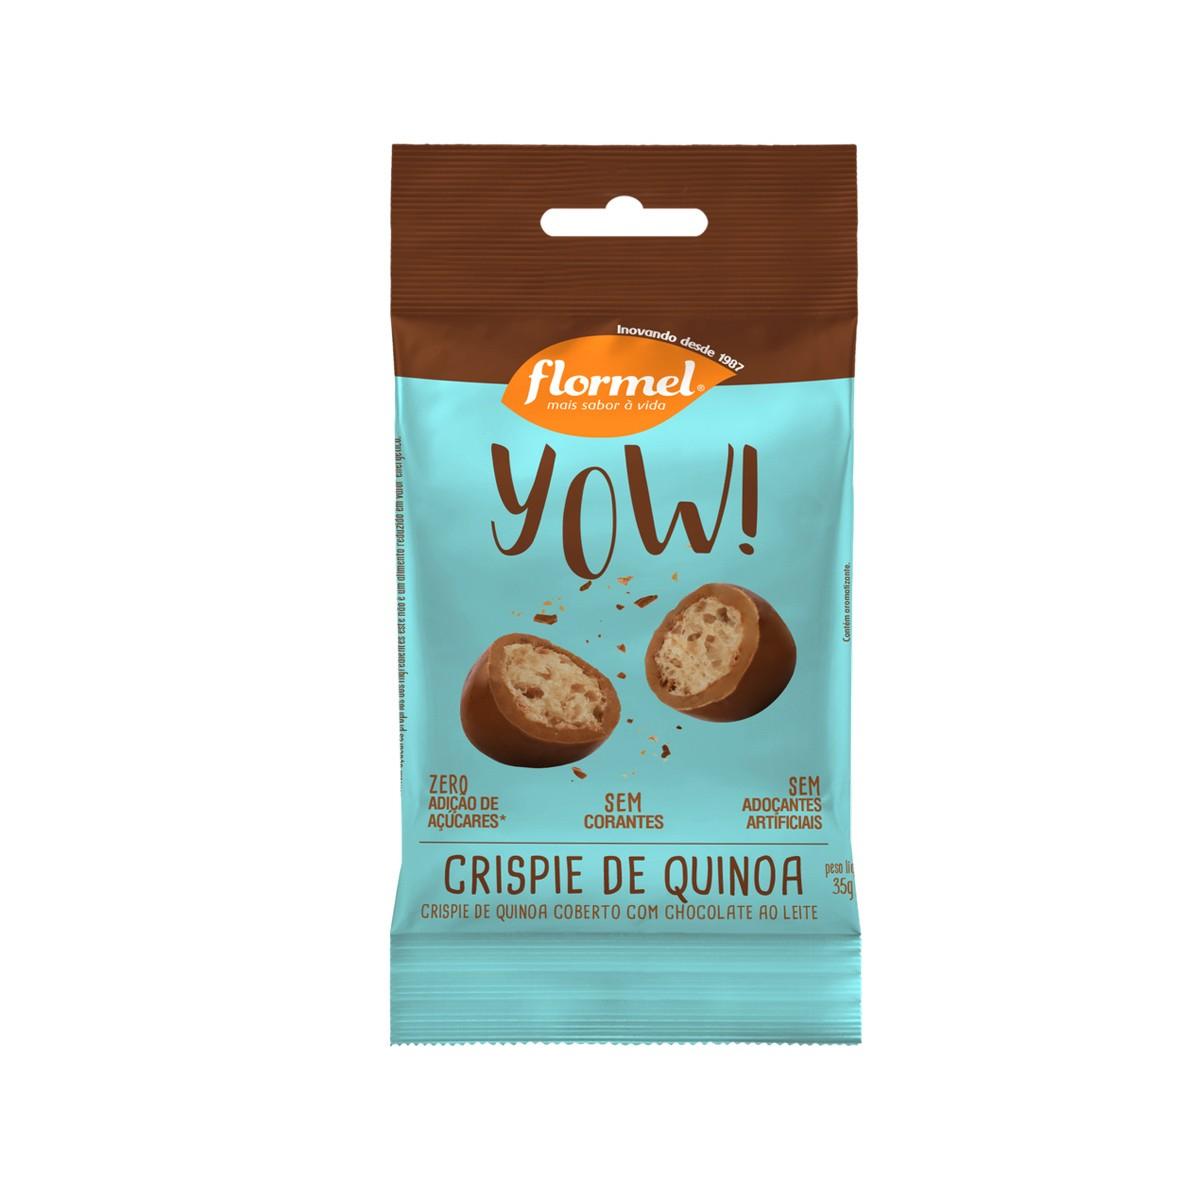 Yow de Crispie de Quinoa com Chocolate de 35g - Flormel